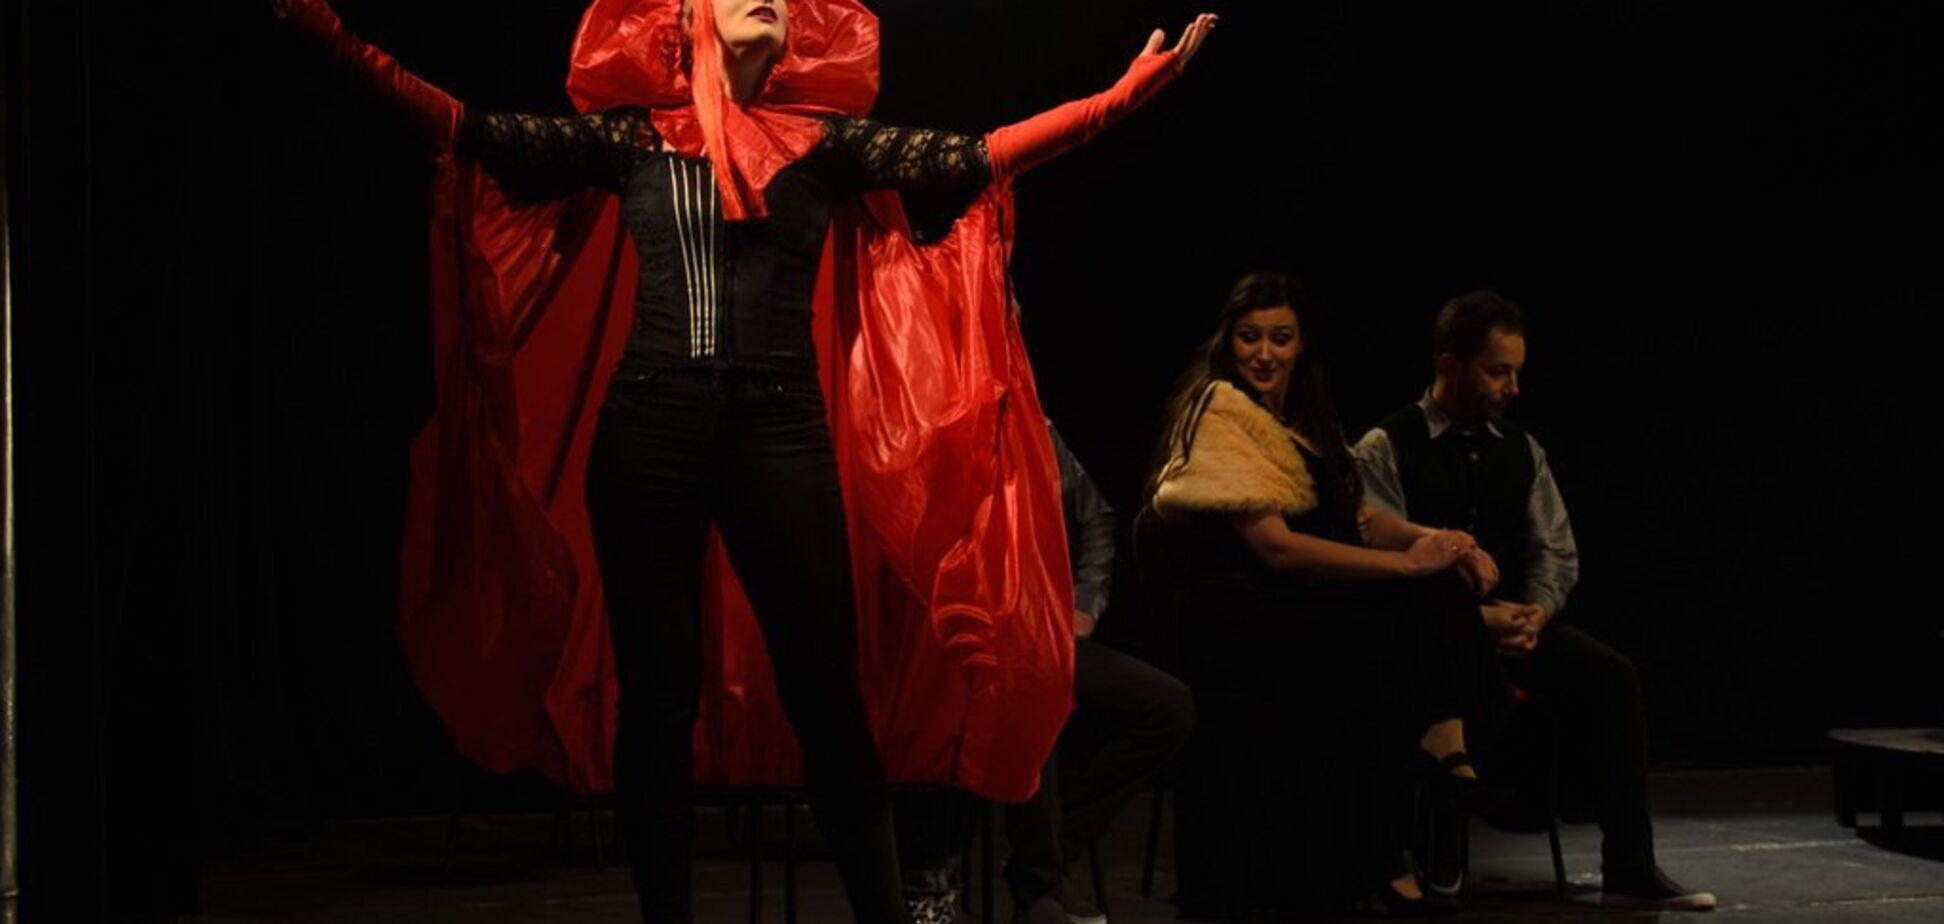 Киян розвеселять спектаклем про театральні пристрасті